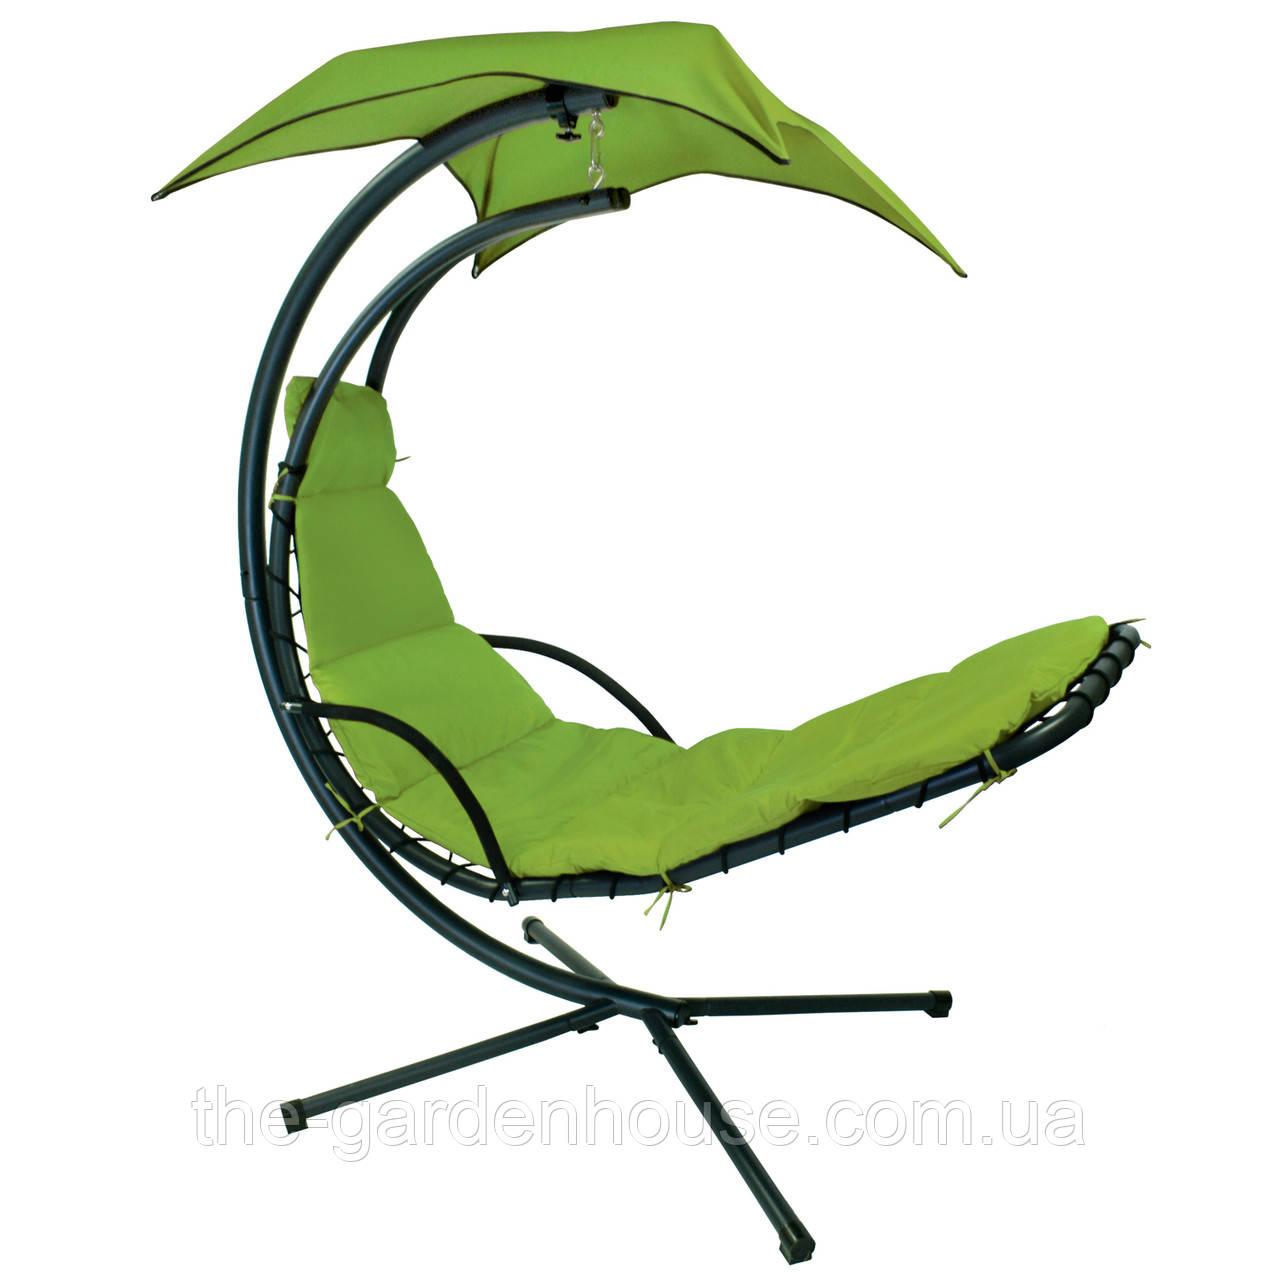 Подвесное кресло-шезлонг Dream с зонтиком зеленый